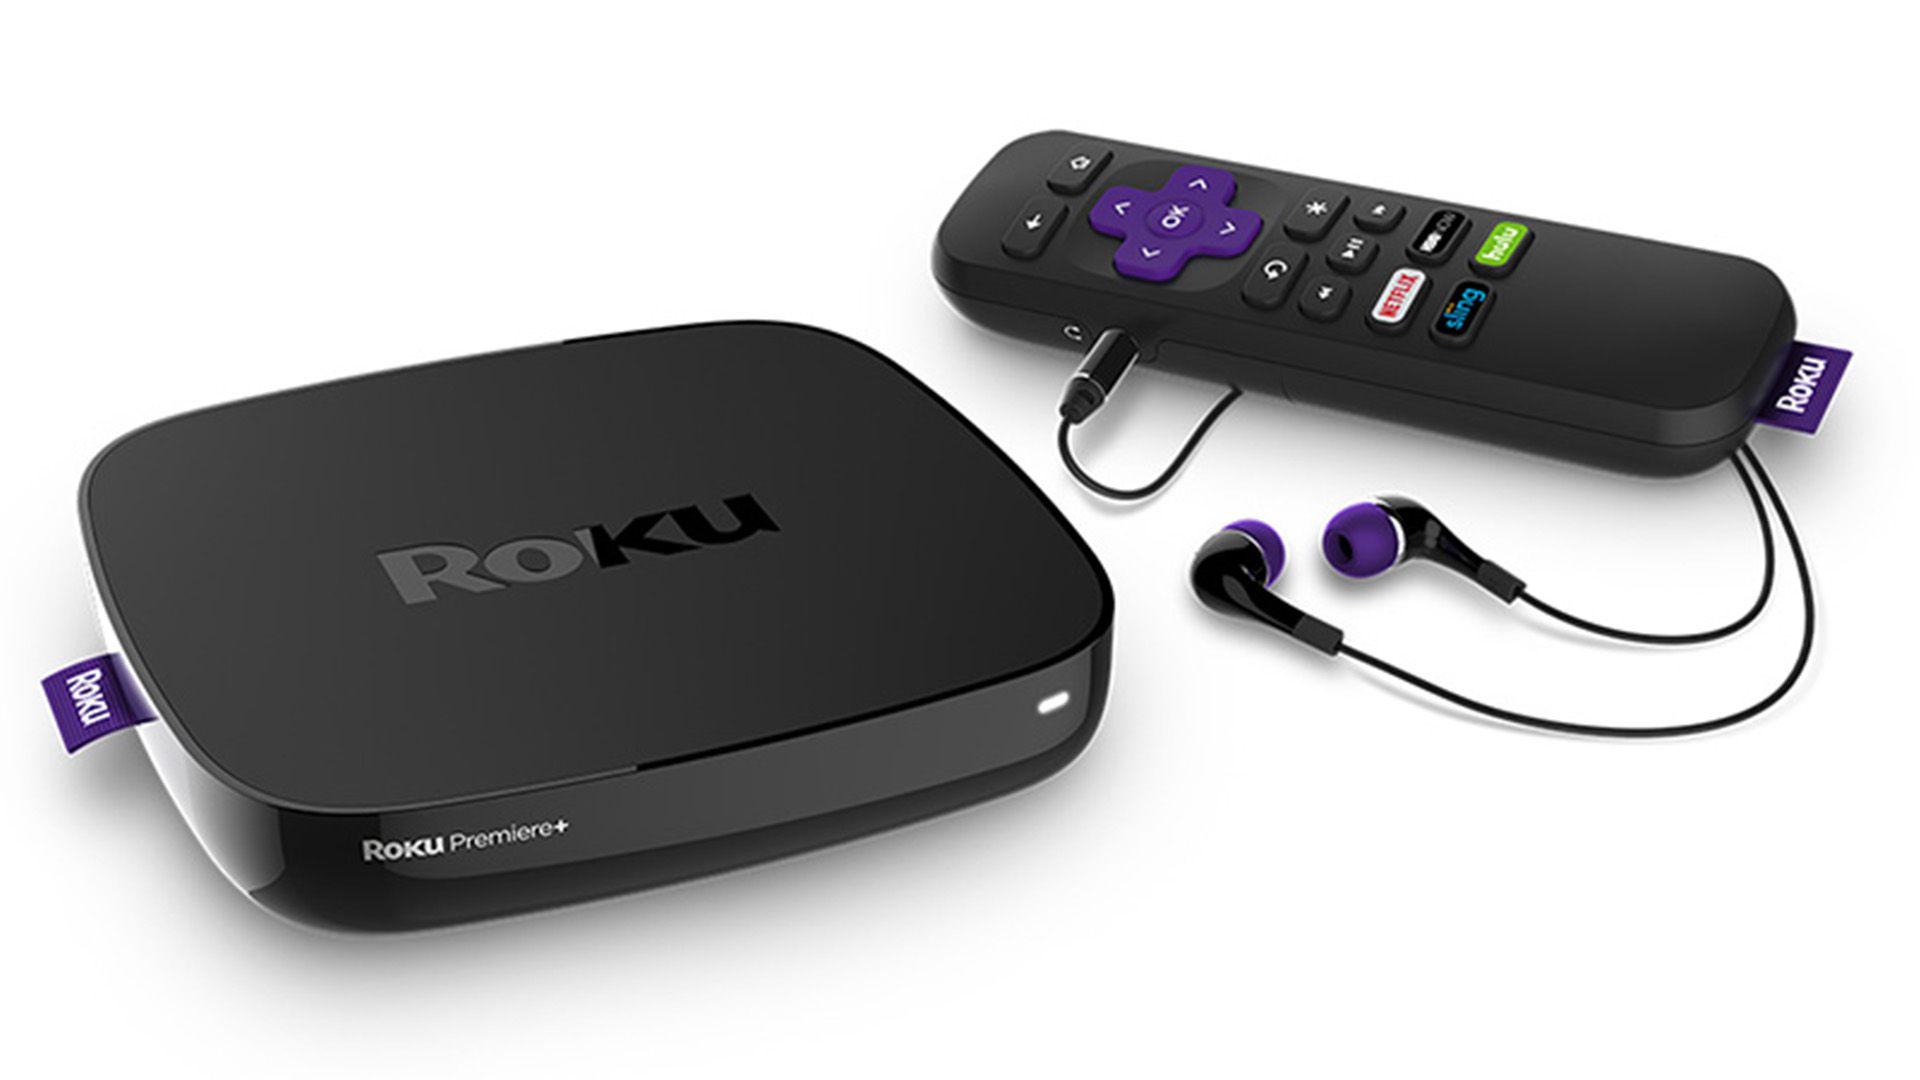 Para continuar viendo Netflix en los televisores que ya dejarán de ser compatibles con la app, se puede conectar un Roku, Apple TV, ChromeCast o una consola de videojuegos.